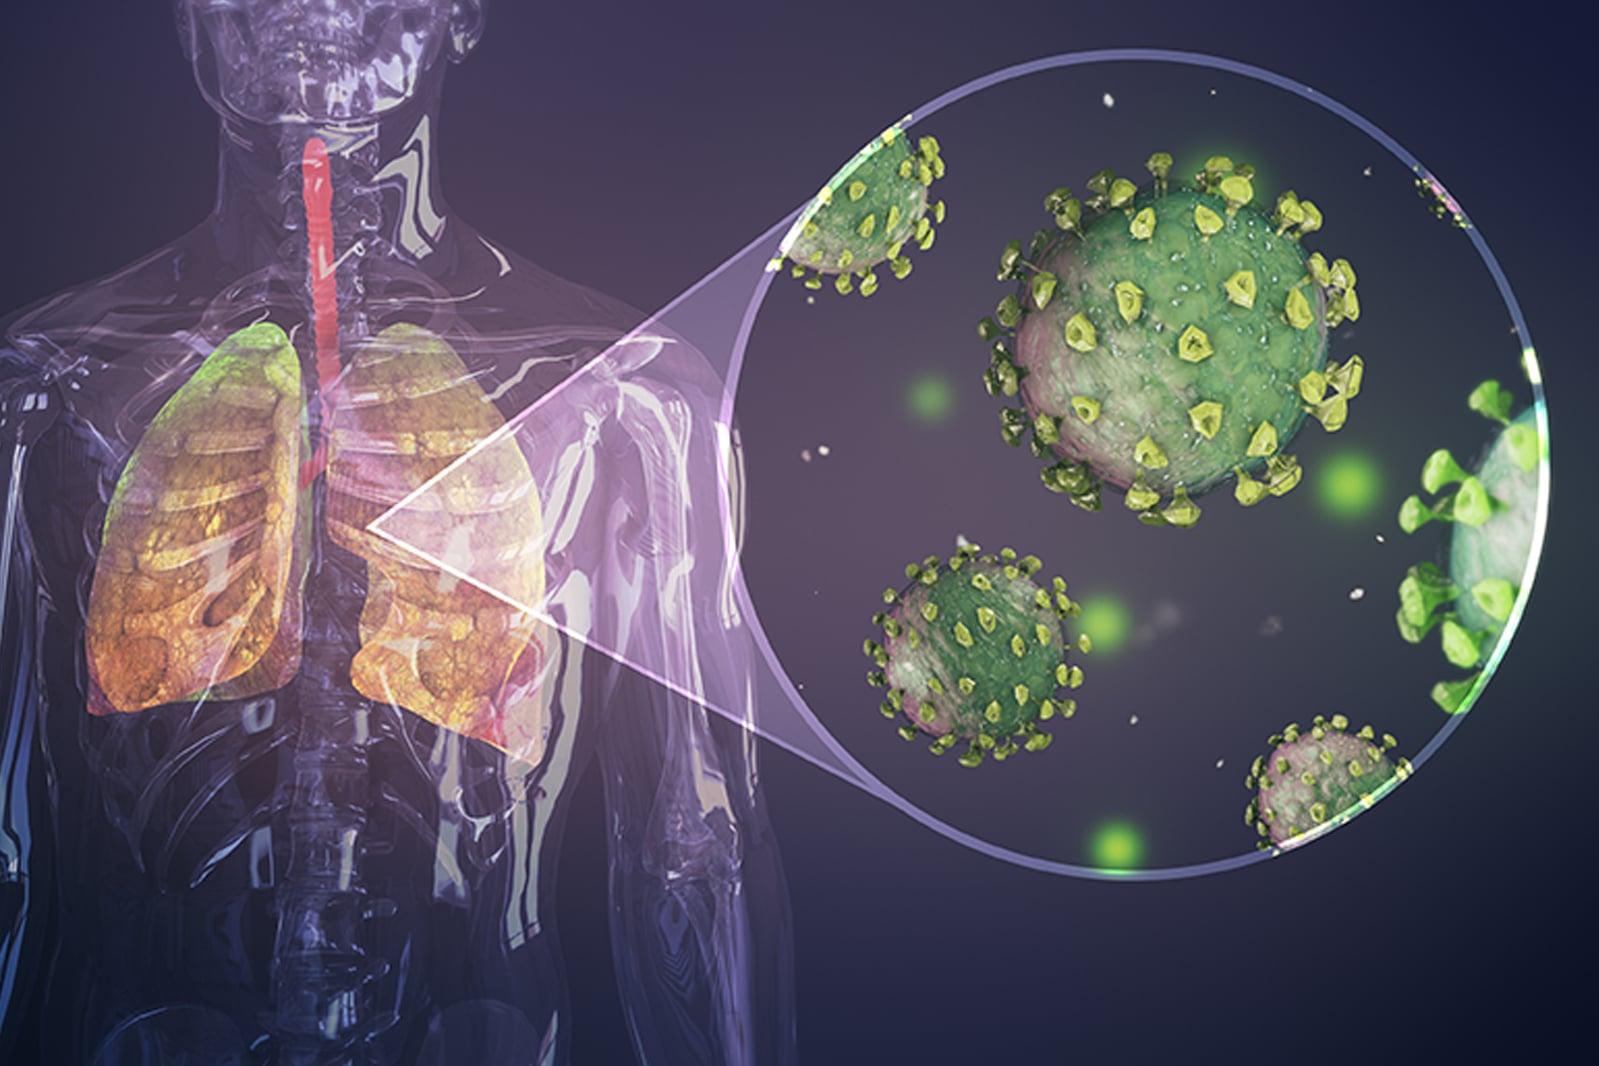 При някои болни с коронавирусна инфекция се наблюдава несъразмерна реакция на имунната система, като трудно може да се посочи конкретна причина за това. Неочакваната, прекалено мощна имунна реакция при наглед здрав човек може да завърши фатално.